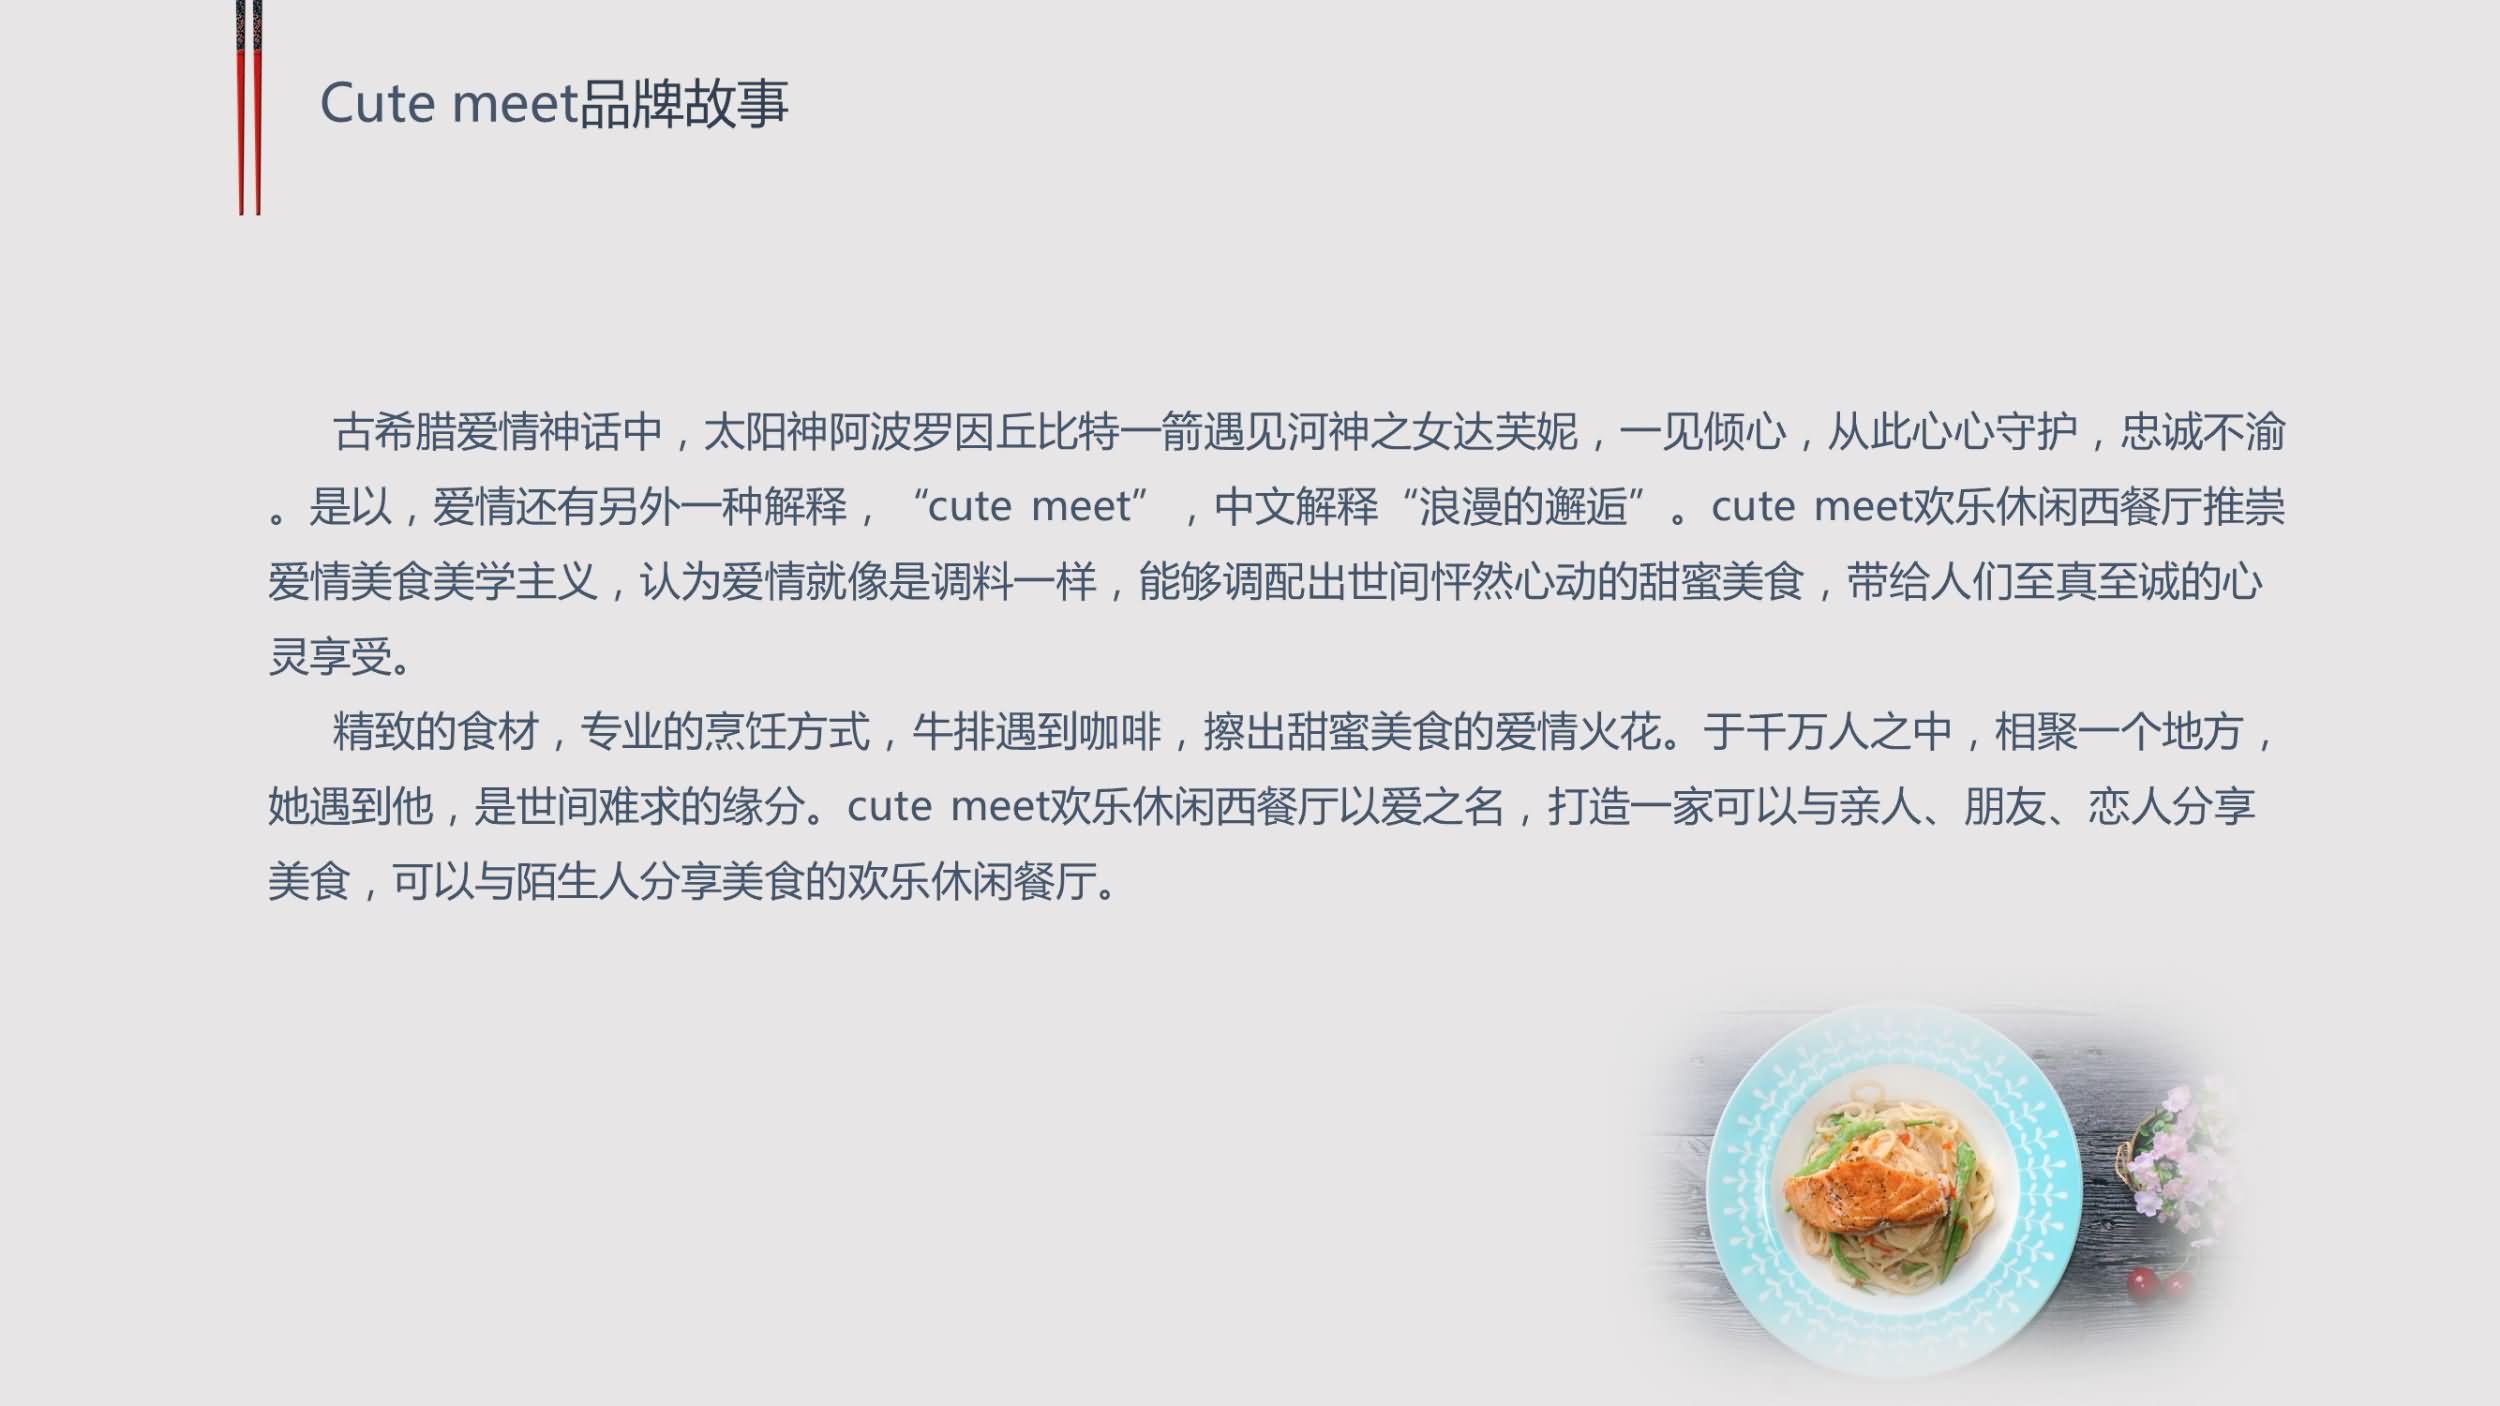 香港樂源餐飲集團有限公司14